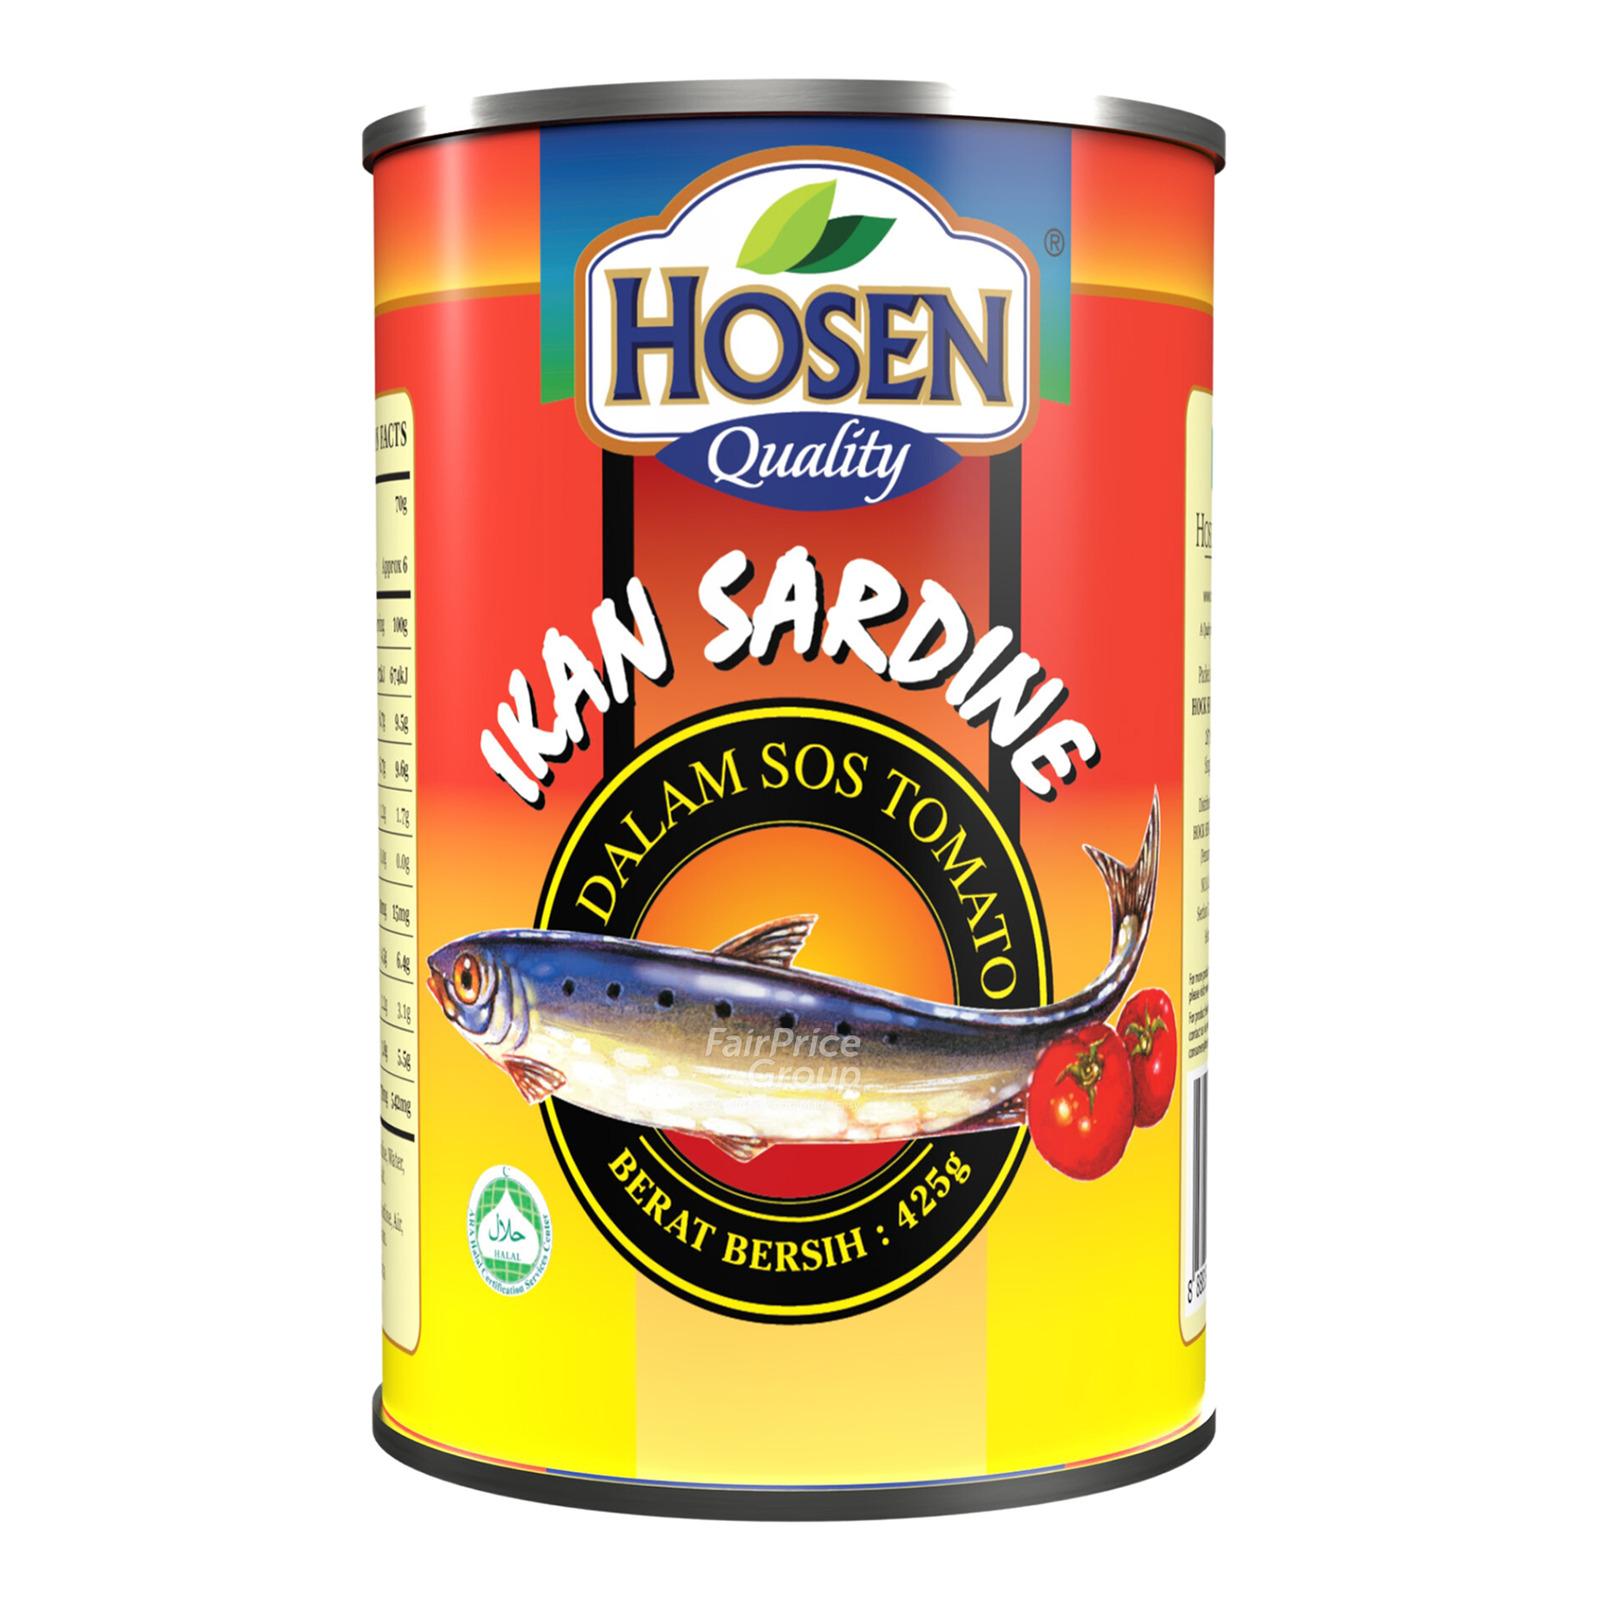 Hosen Sardine in Tomato Sauce